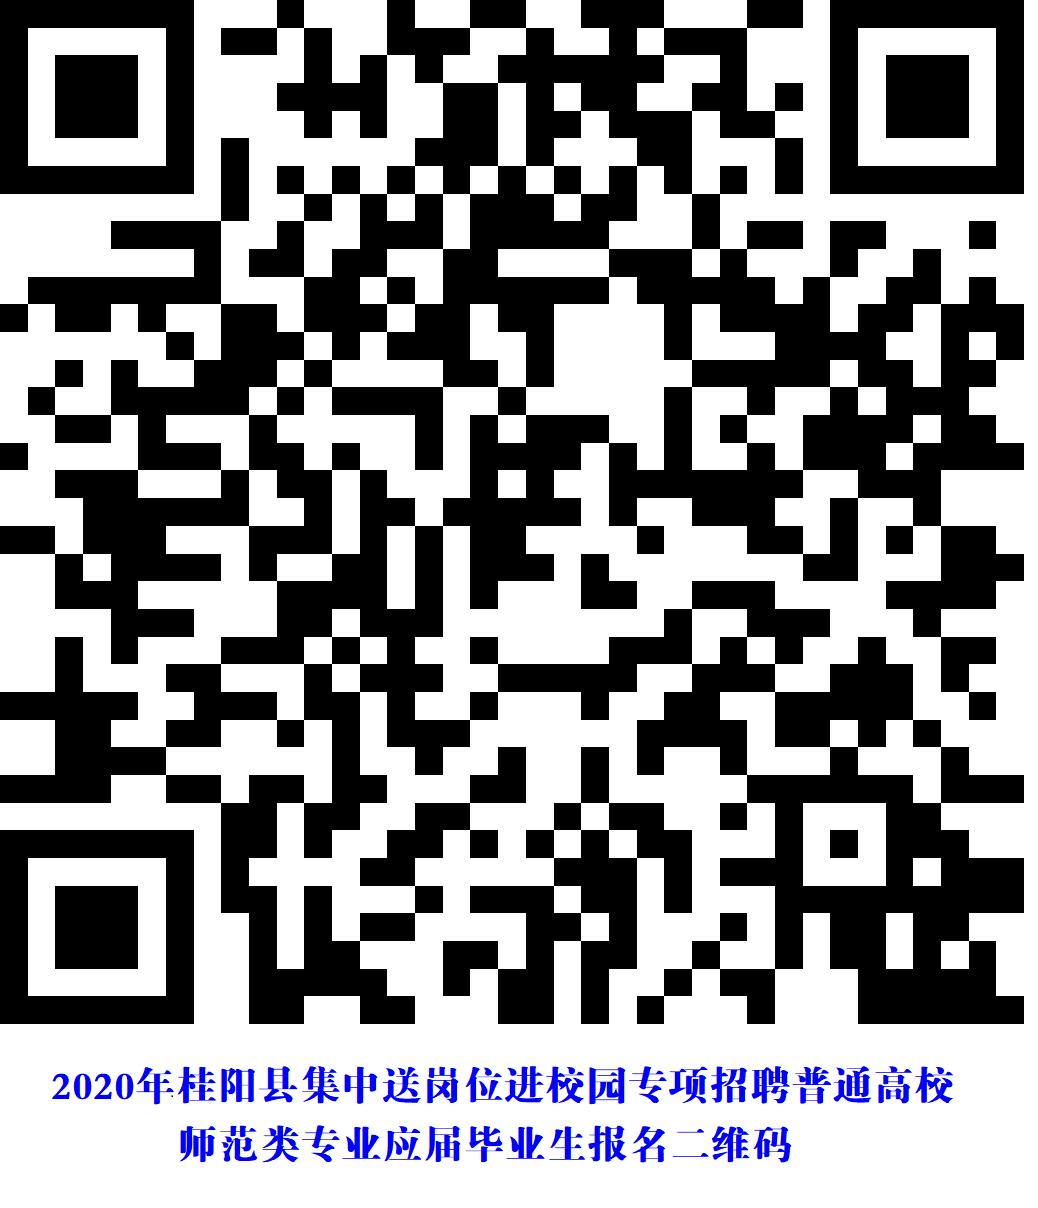 2020年郴州市桂阳县集中送岗位进校园专项招聘普通高校师范类专业应届毕业生公告